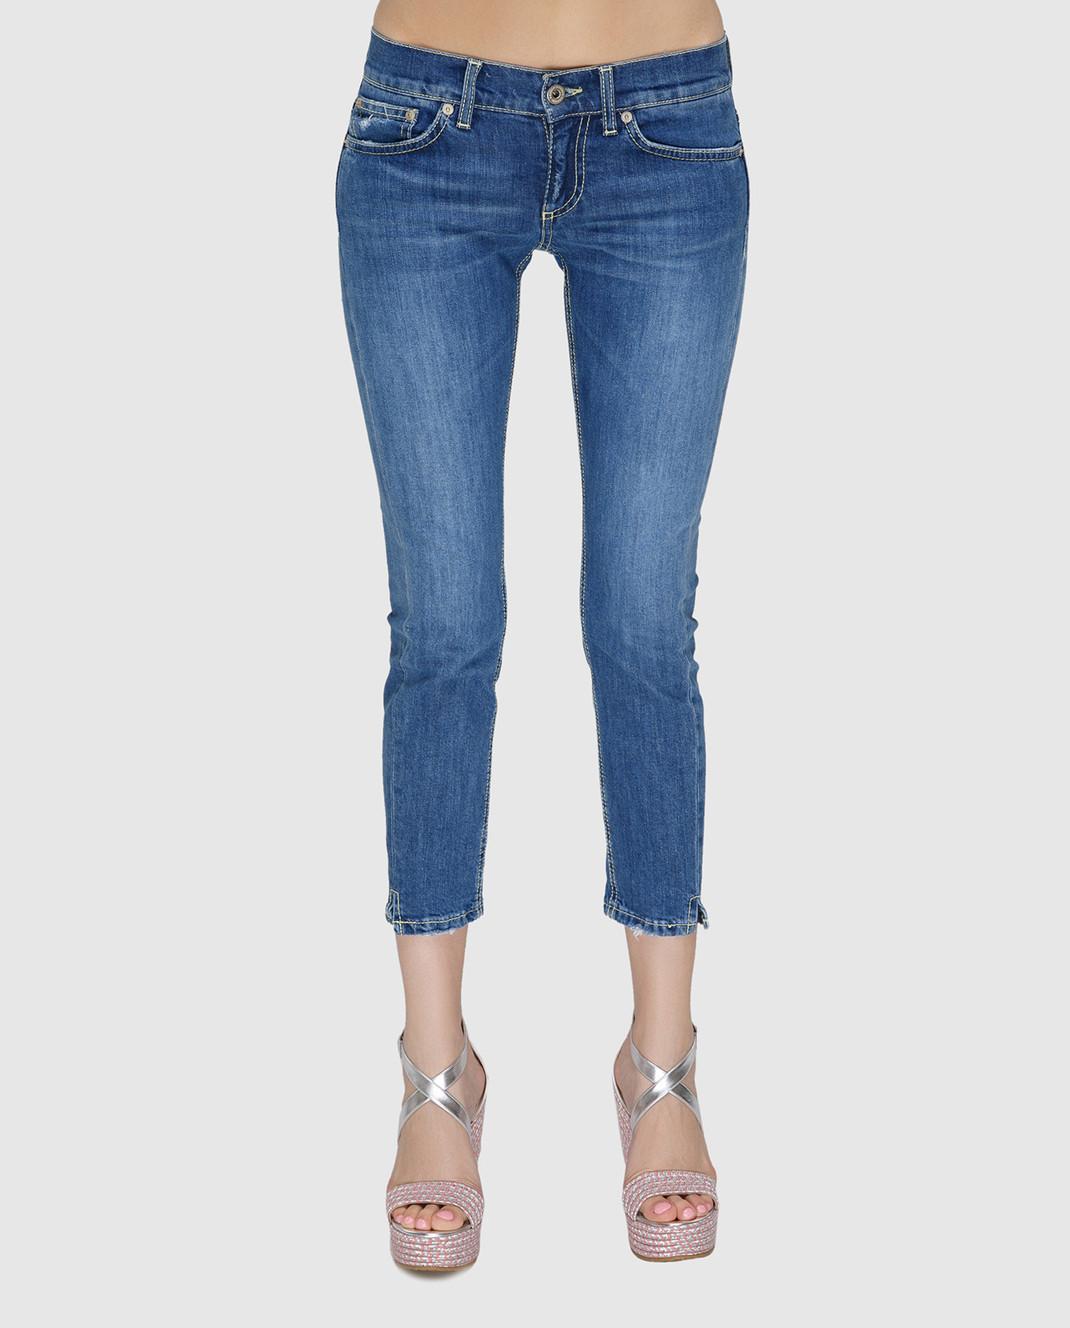 Dondup Синие джинсы P282 изображение 3